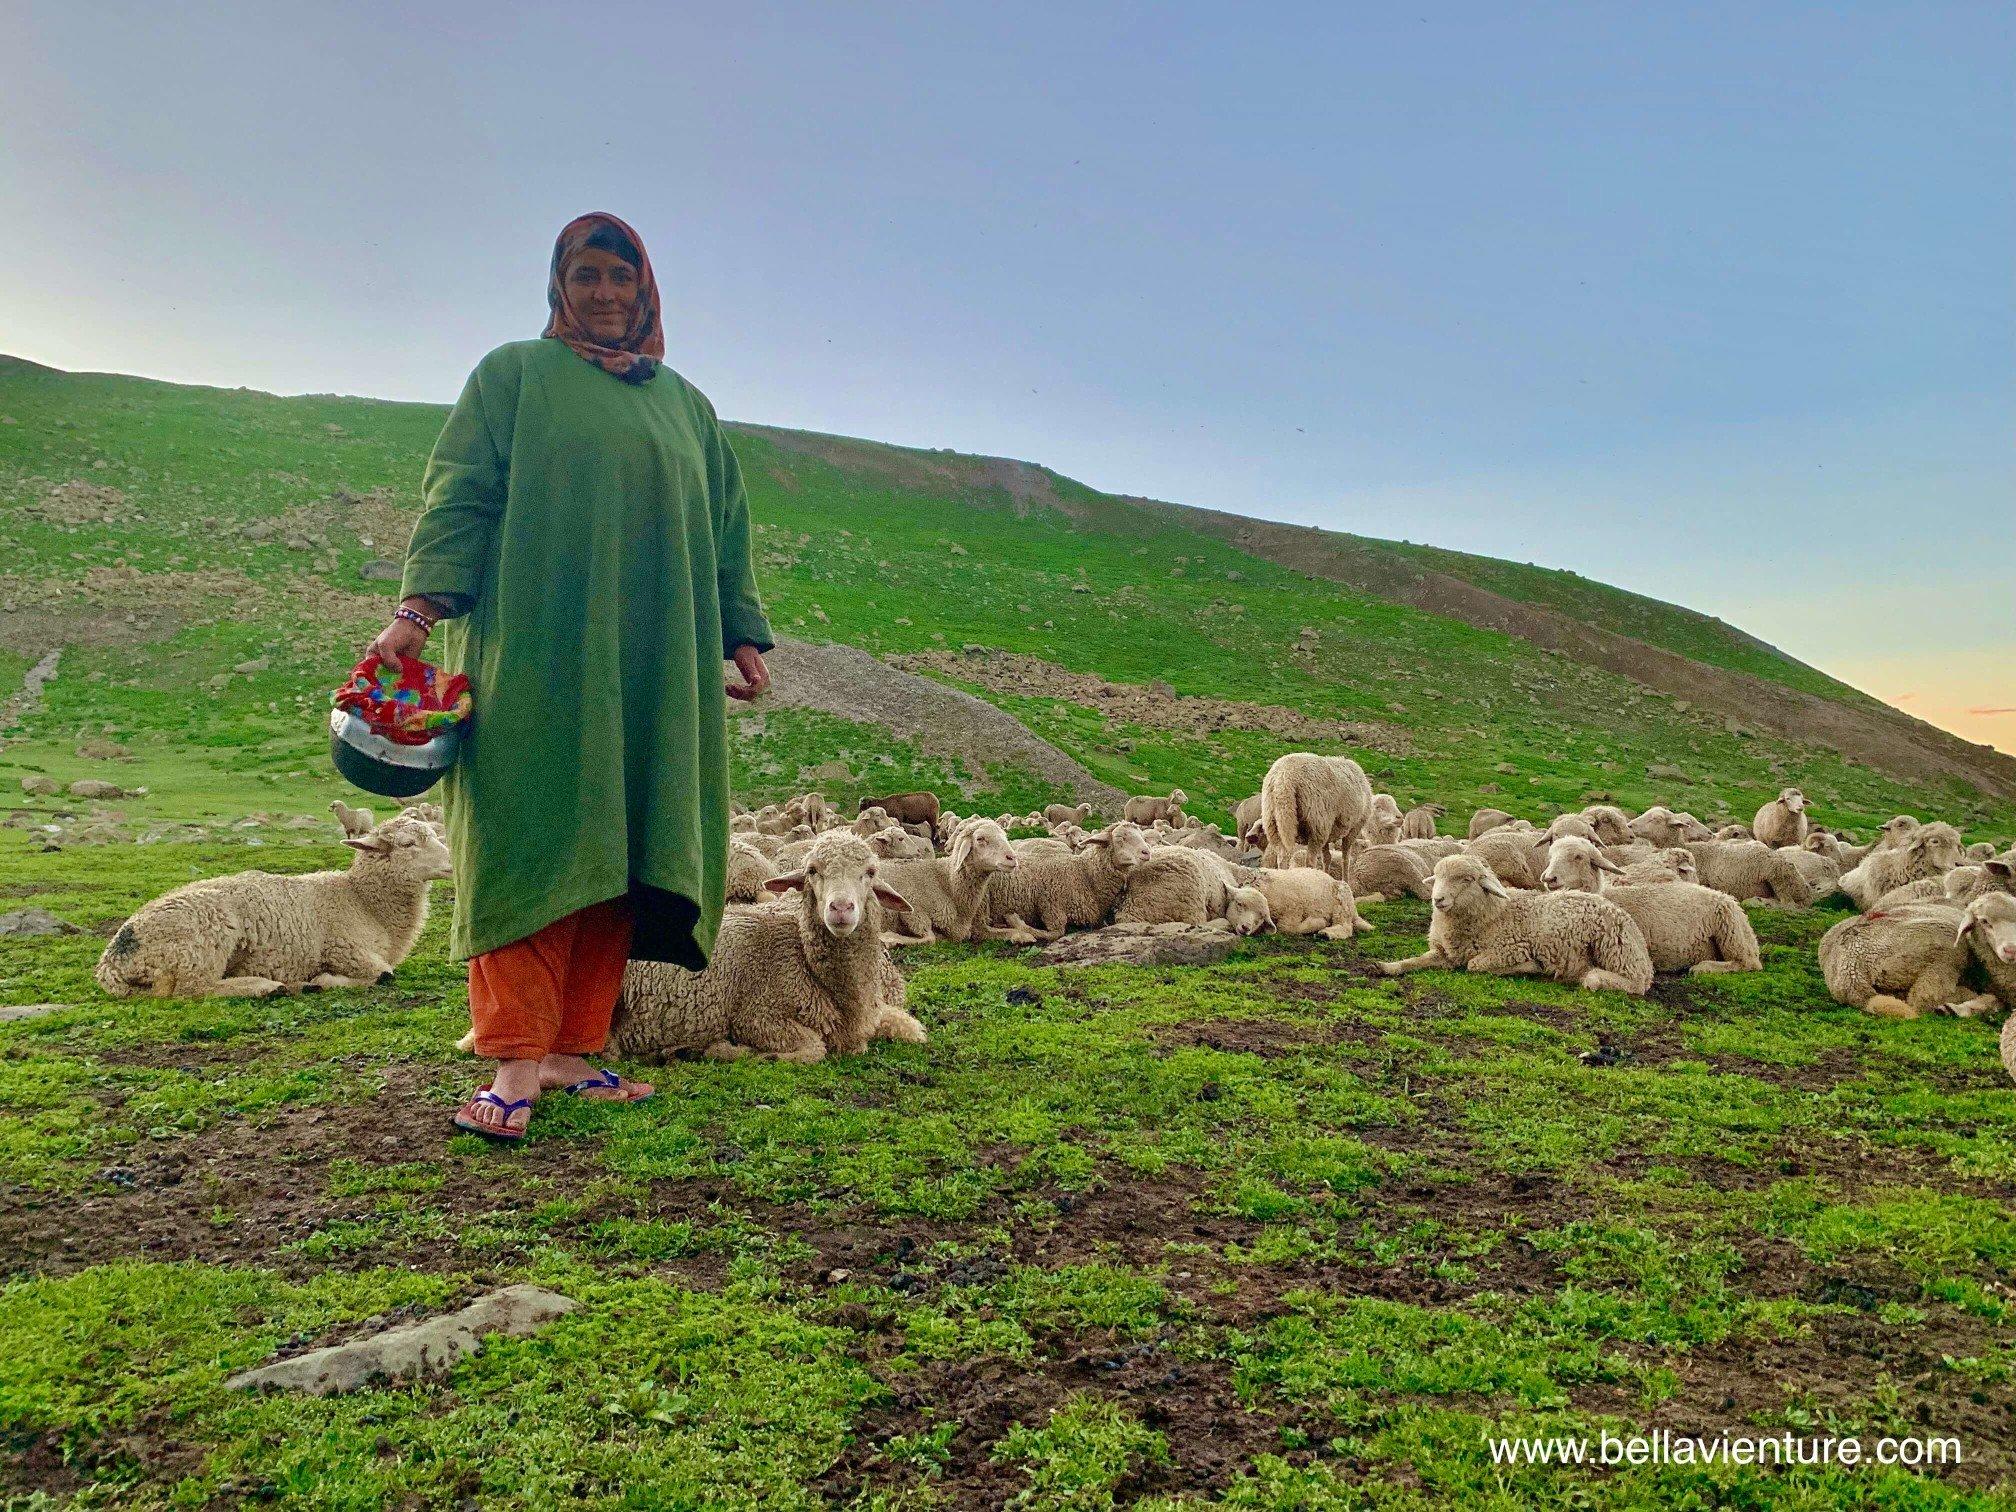 印度 India 北北印 North India 喀什米爾  Kashmir 八天七夜 健行 Nichnai Valley 羊群與牧羊女